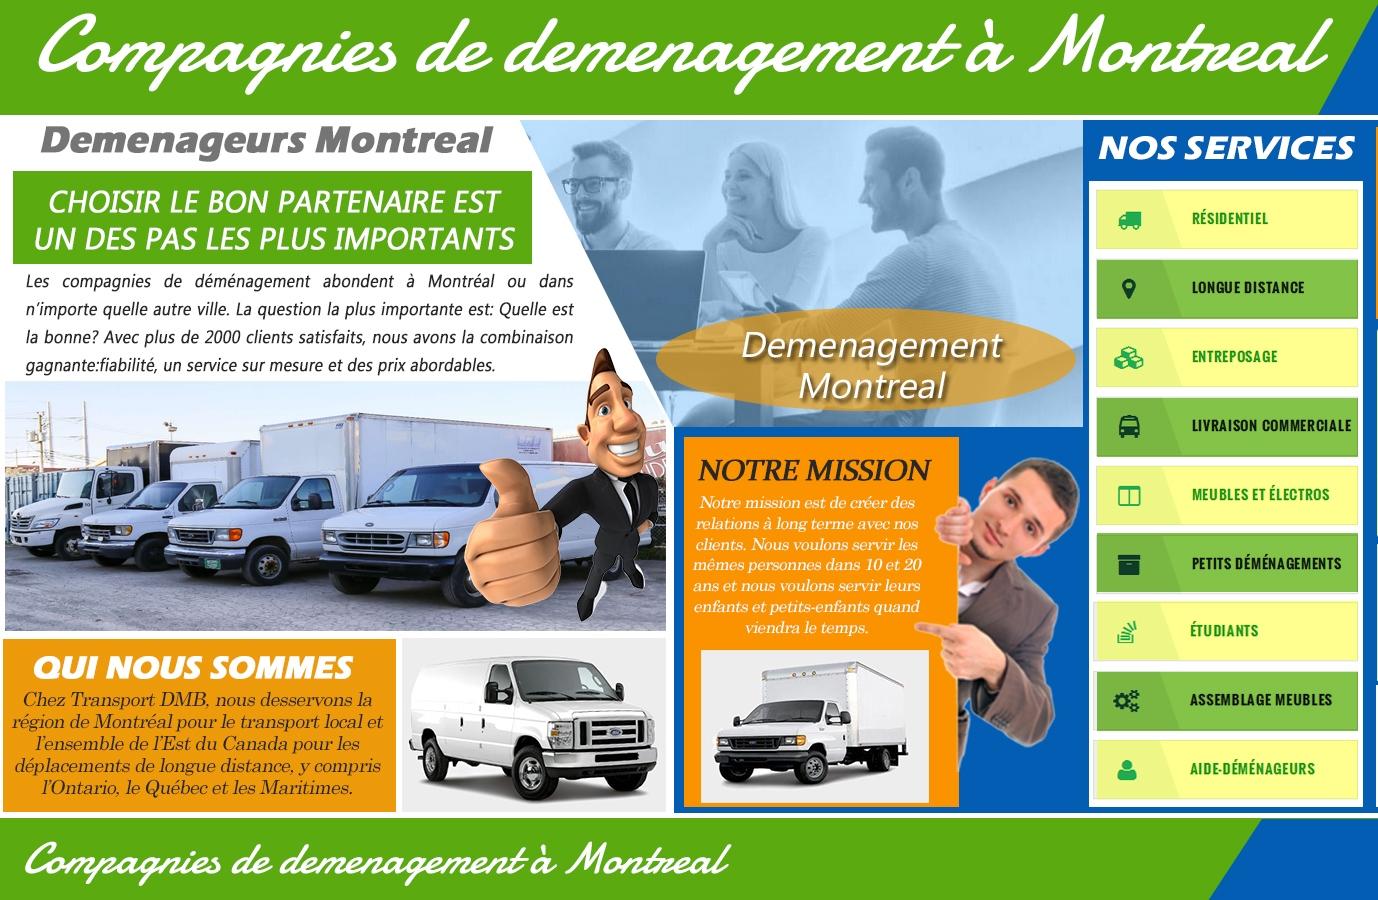 Compagnies de déménagement à Montréal